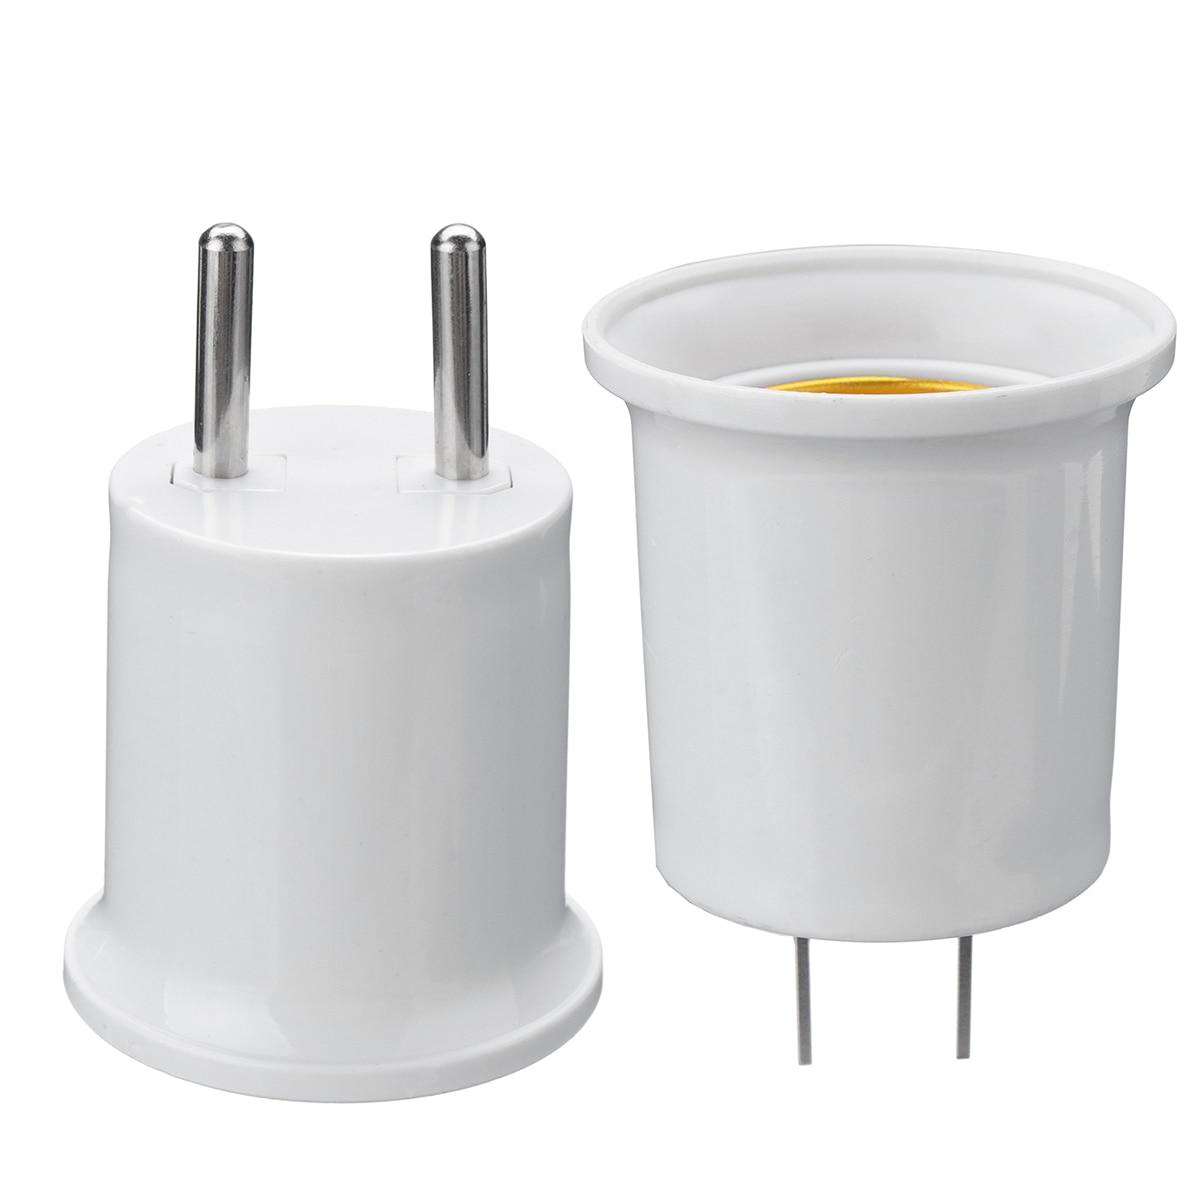 E27 Lamp Base To EU/US Plug Socket Lamp Holder Converter Adapter For LED CFL Light Bulb Lamp 110-220V